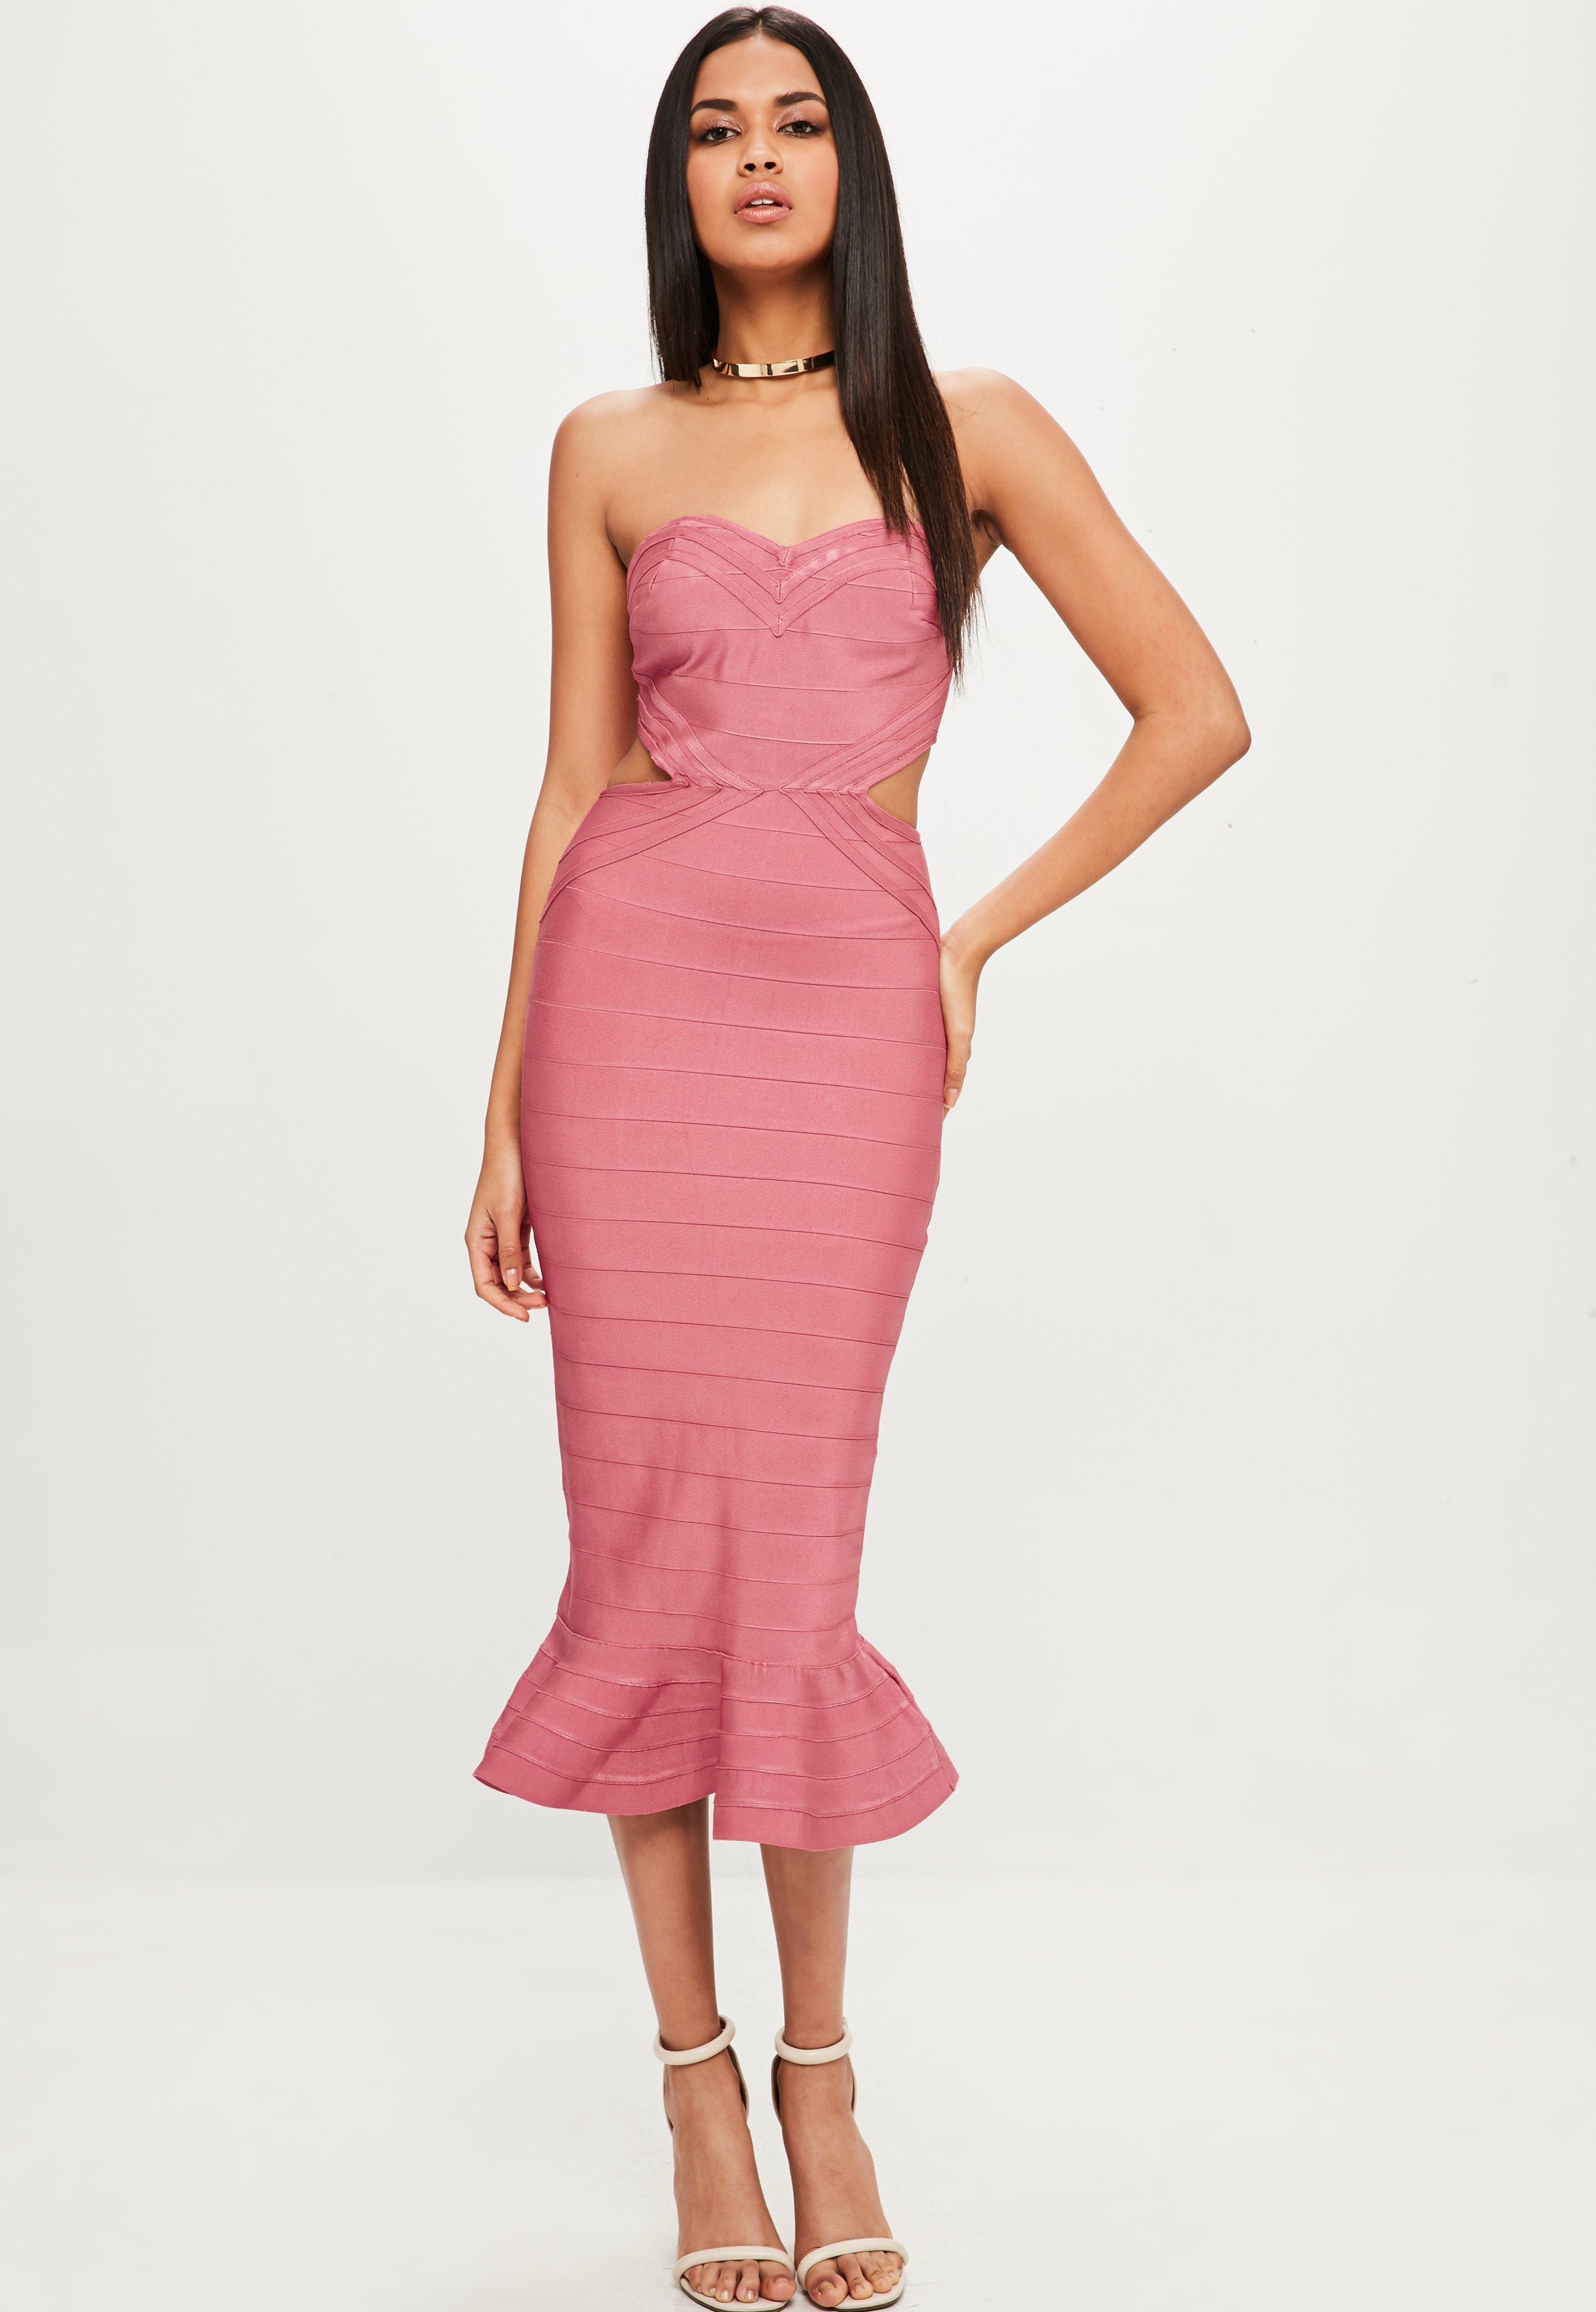 Asombroso Vestidos De Dama Midi Adorno - Colección de Vestidos de ...